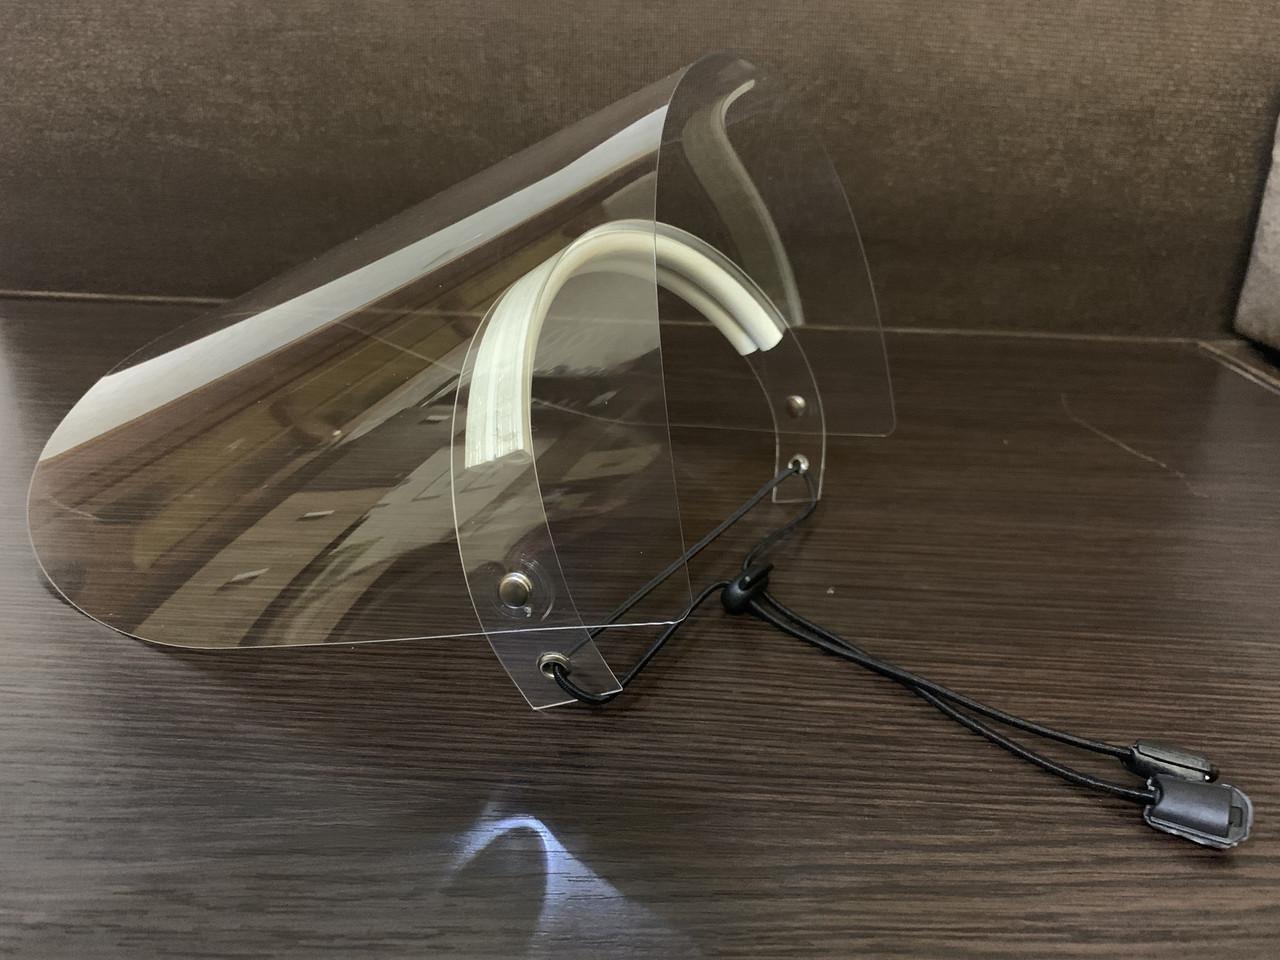 Защитный экран QumaxPro CRYSTAL VIZOR с ПЕТ экраном и поднимаемым забралом. Документы для тендера!